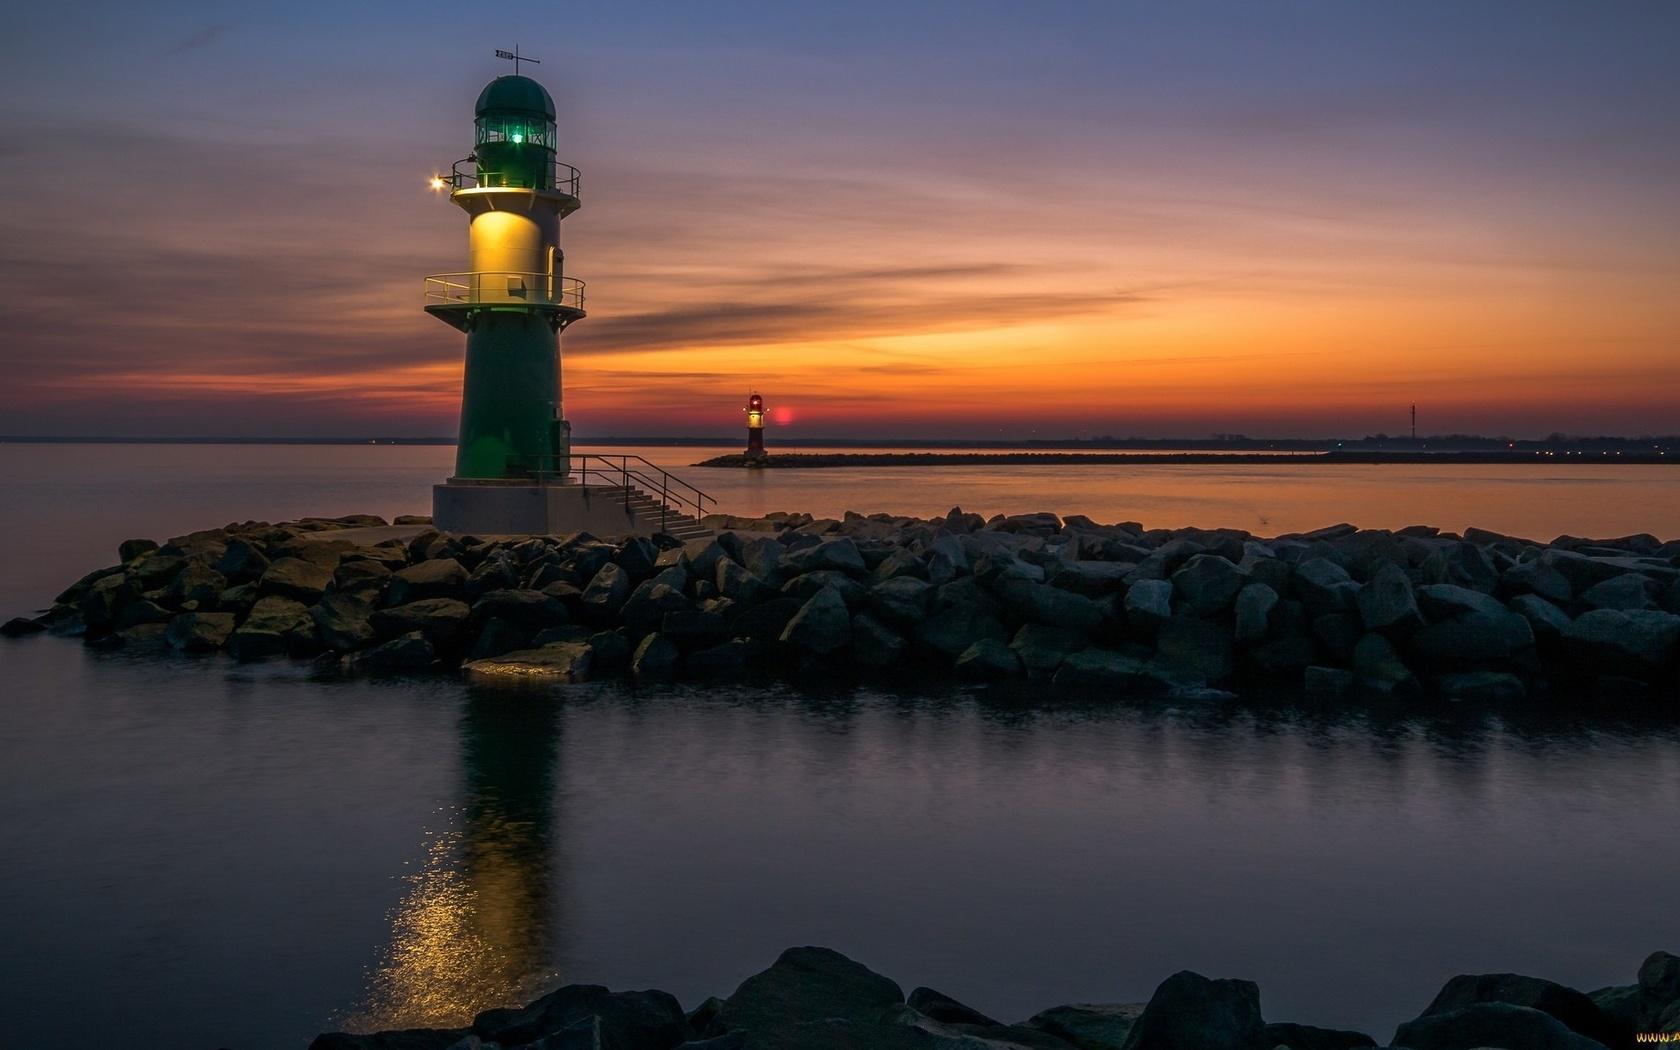 море, небо, закат, вечер, маяк